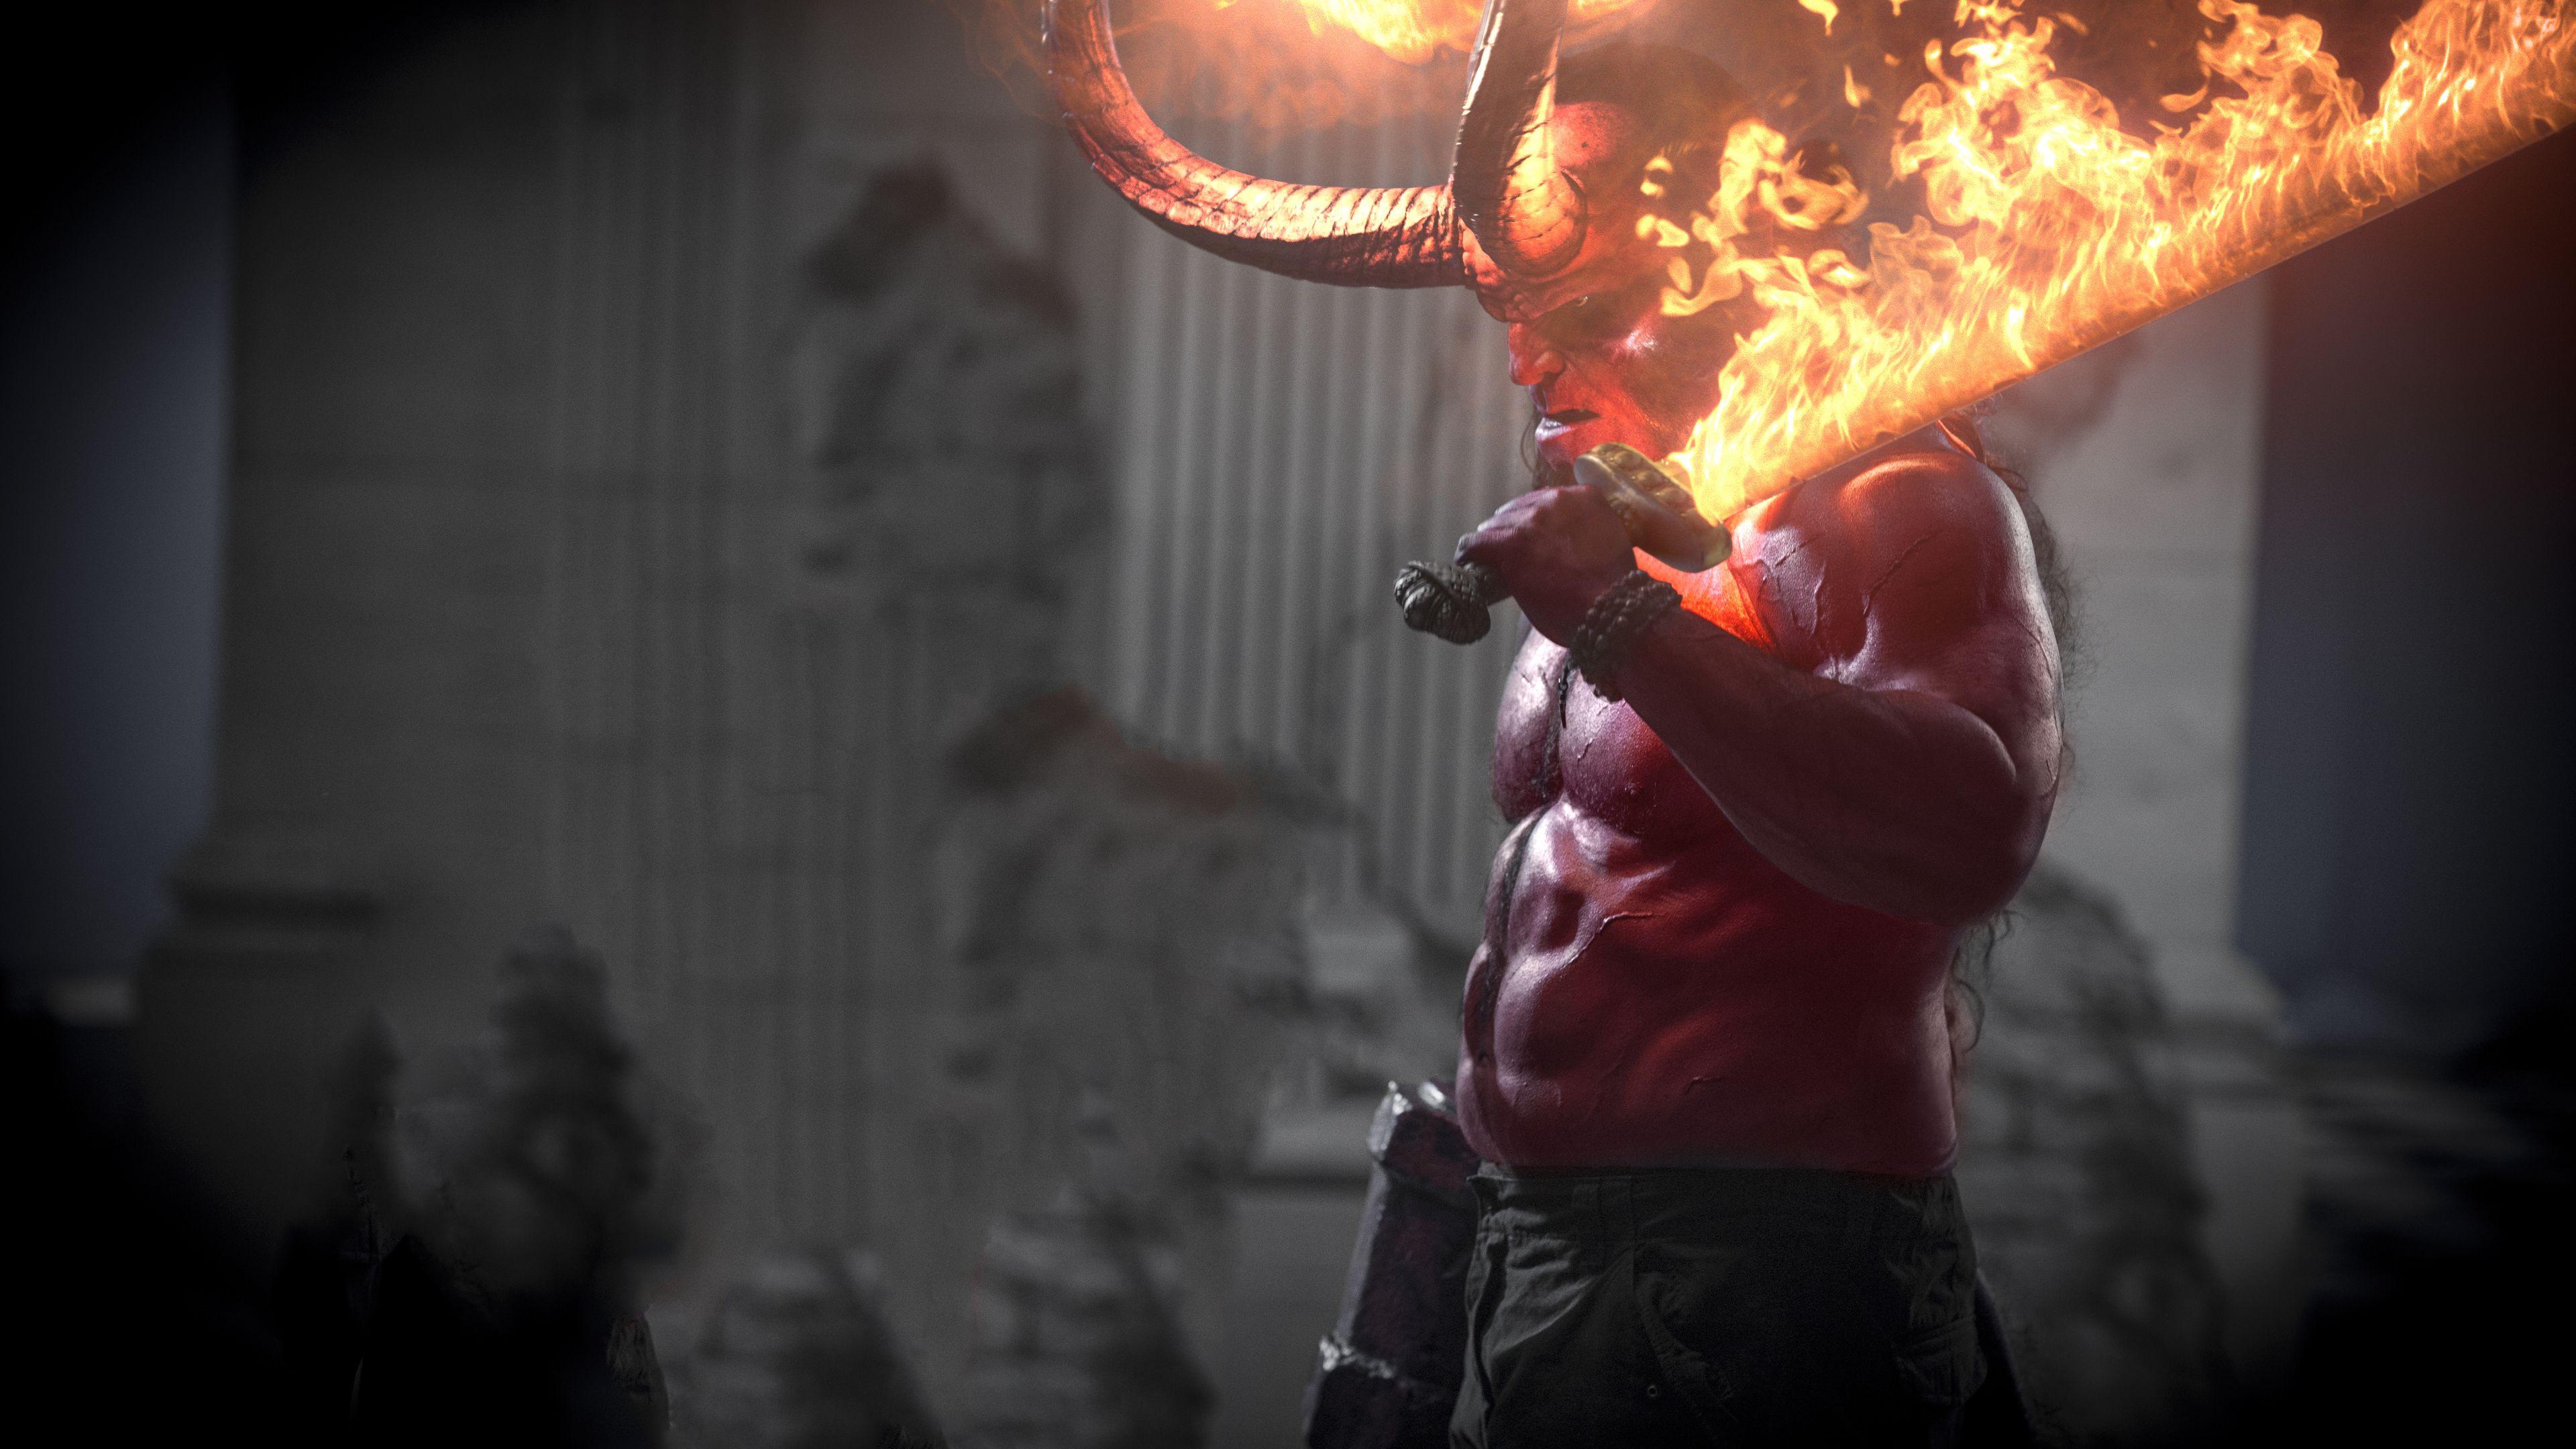 Hellboy Movie 2019 4k Movies Wallpapers Hellboy Wallpapers Hd Wallpapers 4k Wallpapers 2019 Movies Wallpap Movie Wallpapers Hellboy Movie Hellboy Wallpaper